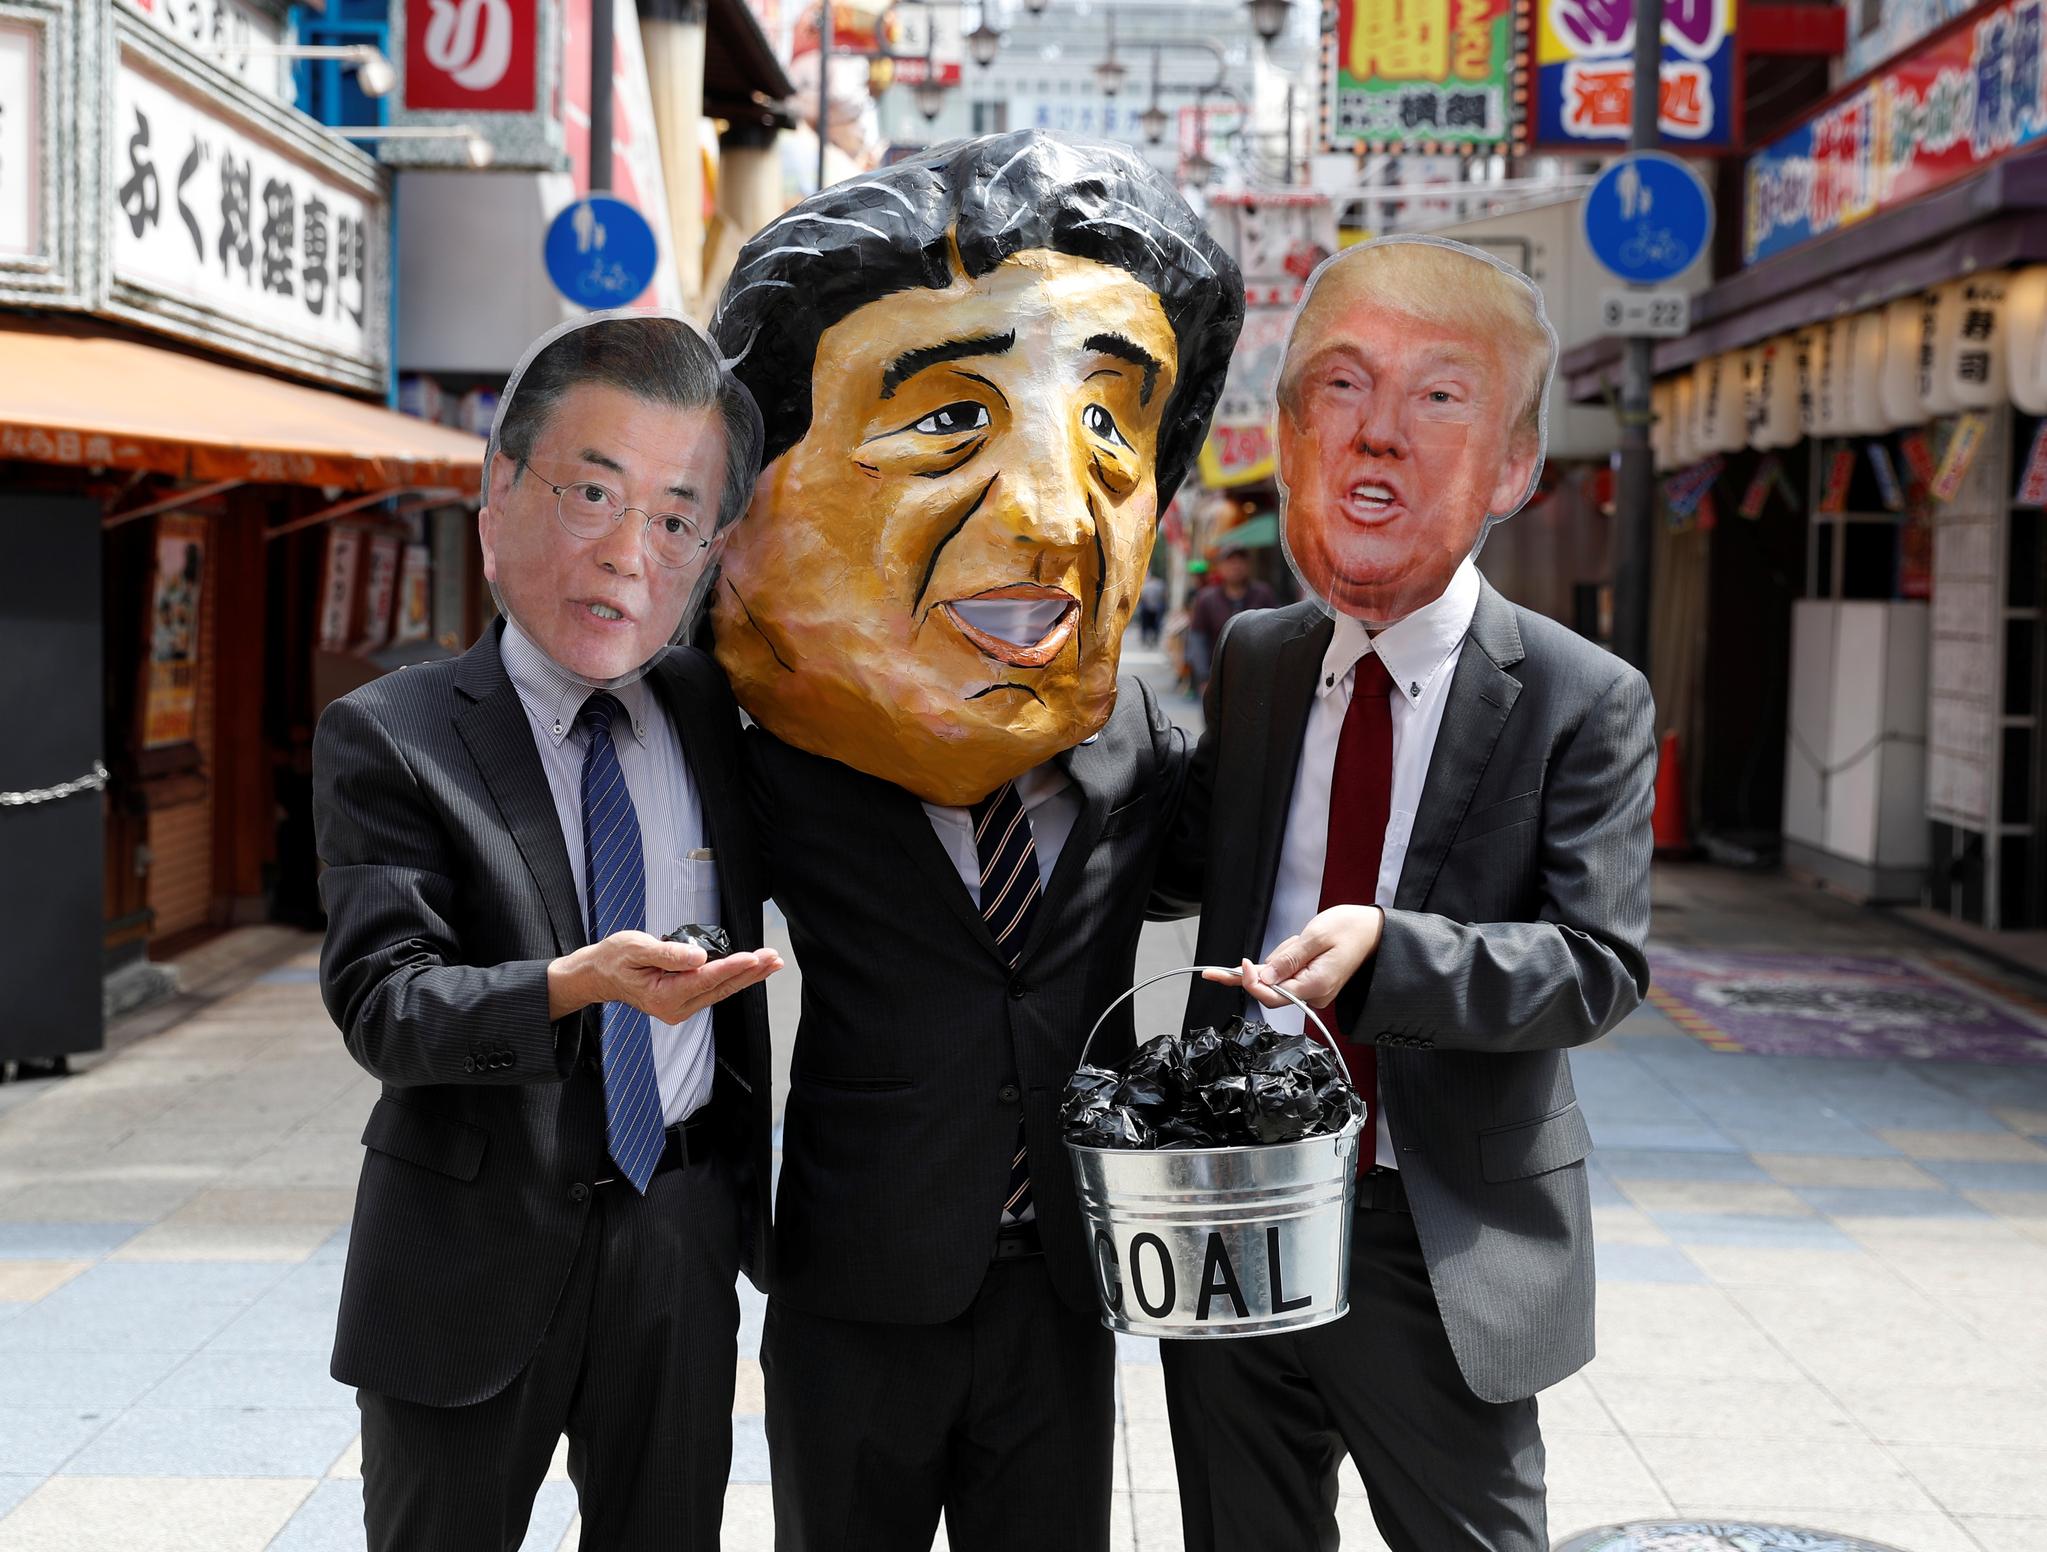 석탄을 손에 든 문재인 대통령과 아베 총리, 트럼프 대통령 가면을 쓴 시위대 모습. [로이터=연합뉴스]